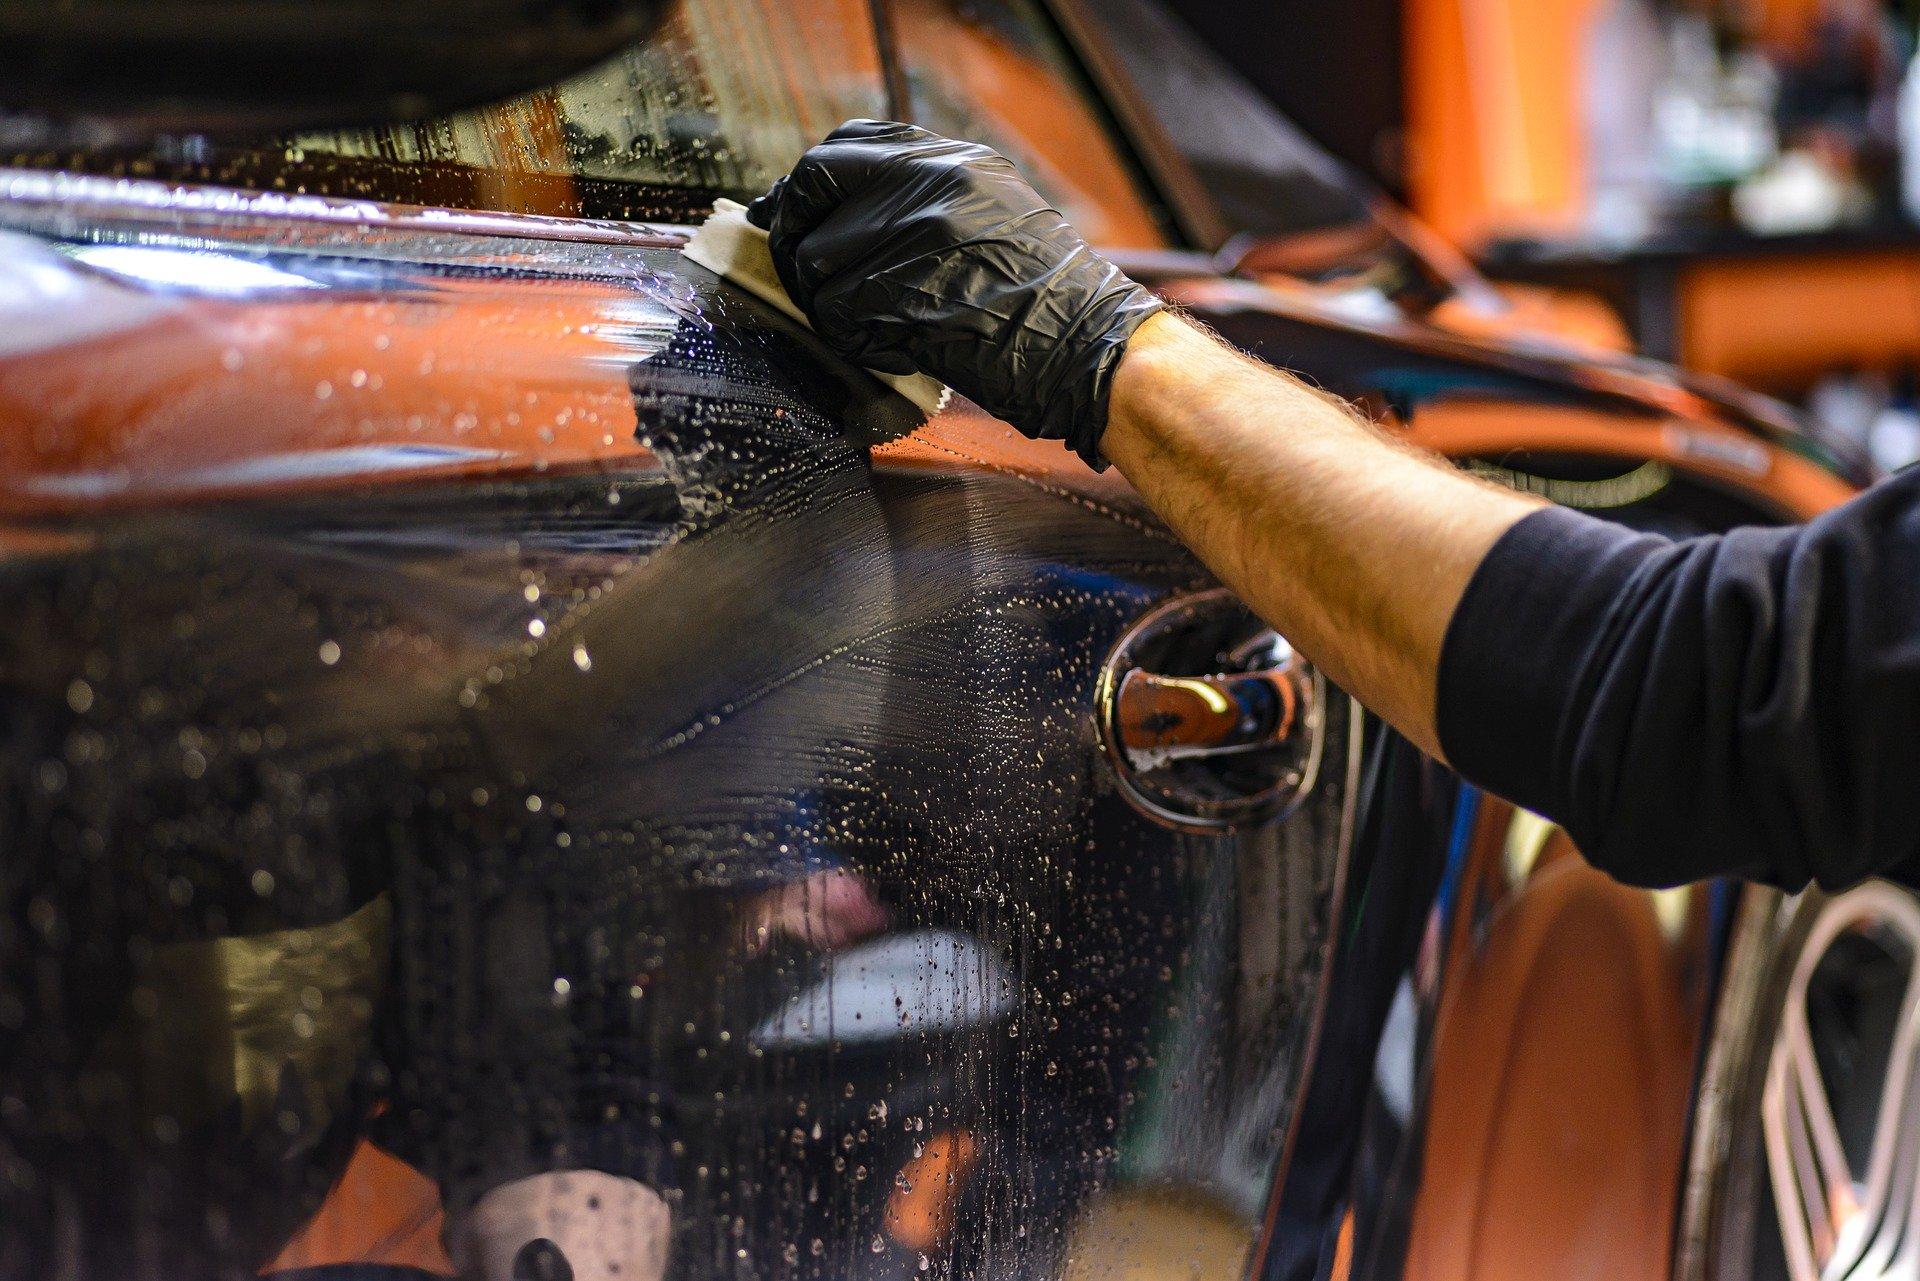 Auto professionell reinigen, polieren und pflegen - so klappt es!